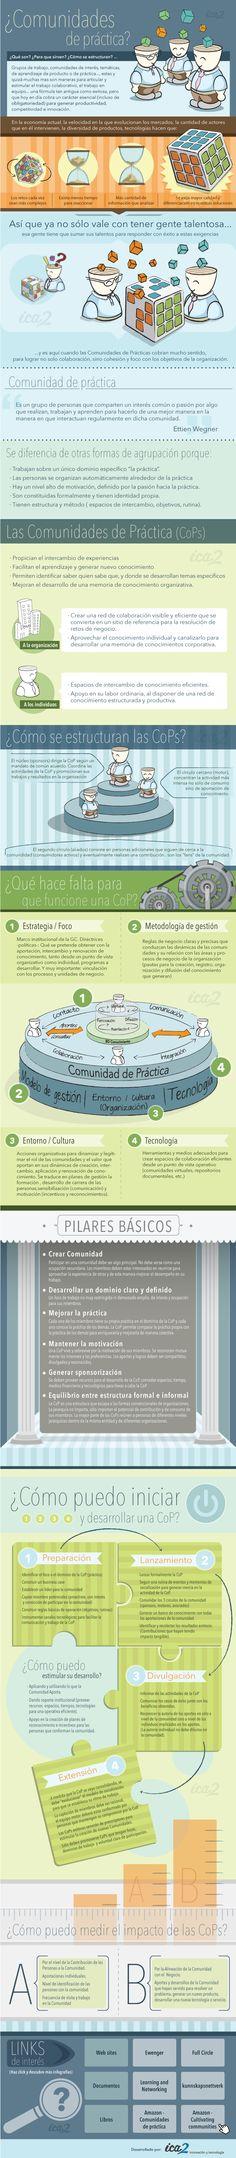 Infografía en español que muestra Qué son las redes sociales, para qué sirven y cómo se estructuran